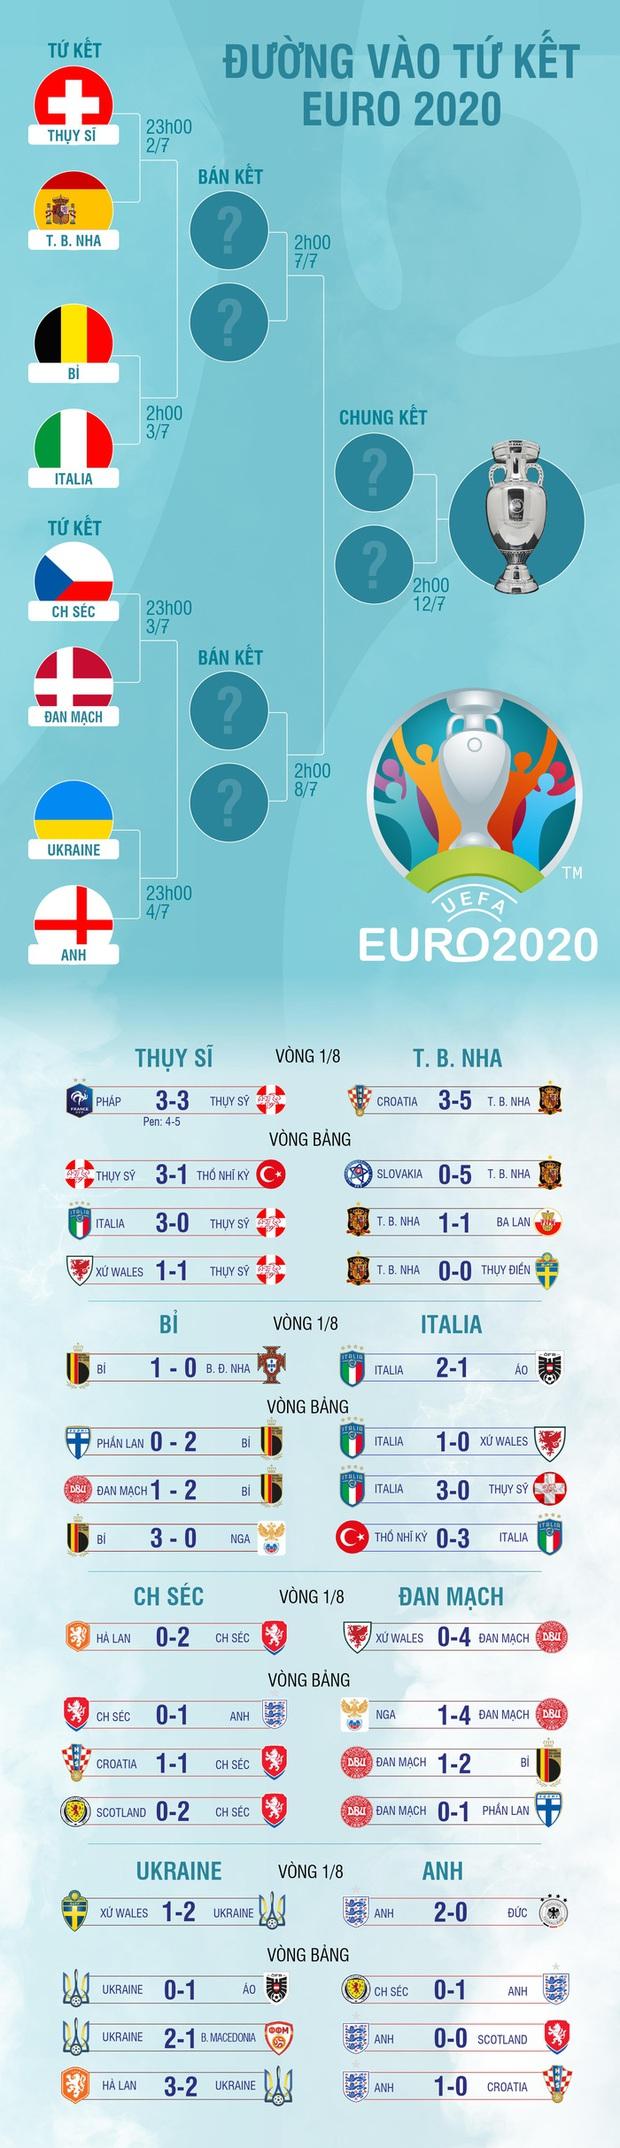 Đường vào Tứ kết EURO 2020 của bát đại anh hào - Ảnh 1.